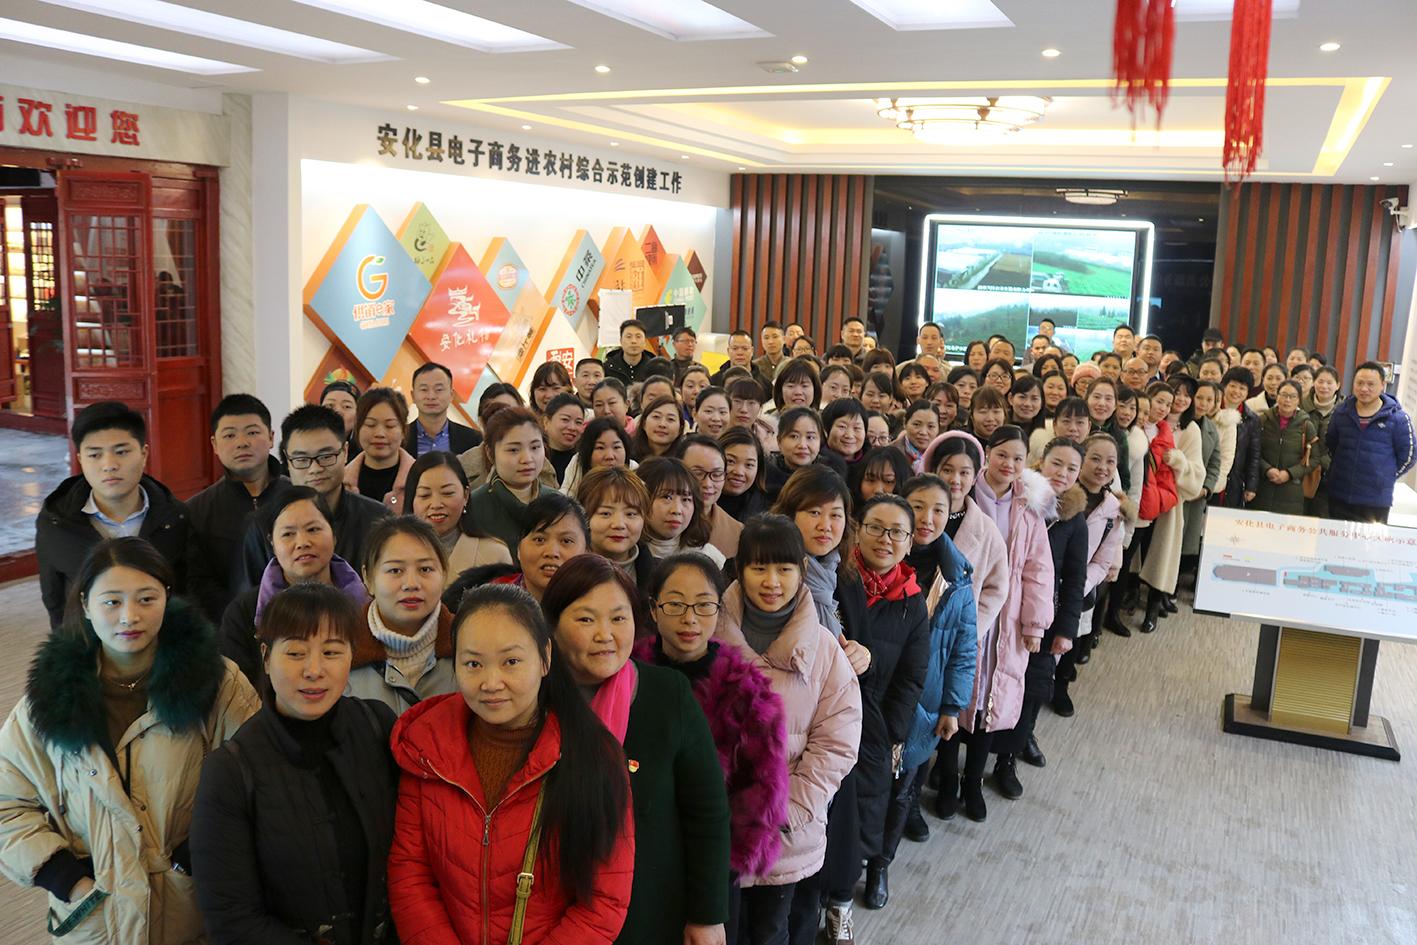 繁星流动,和你同路——安化县第三期电商创业培训班开班